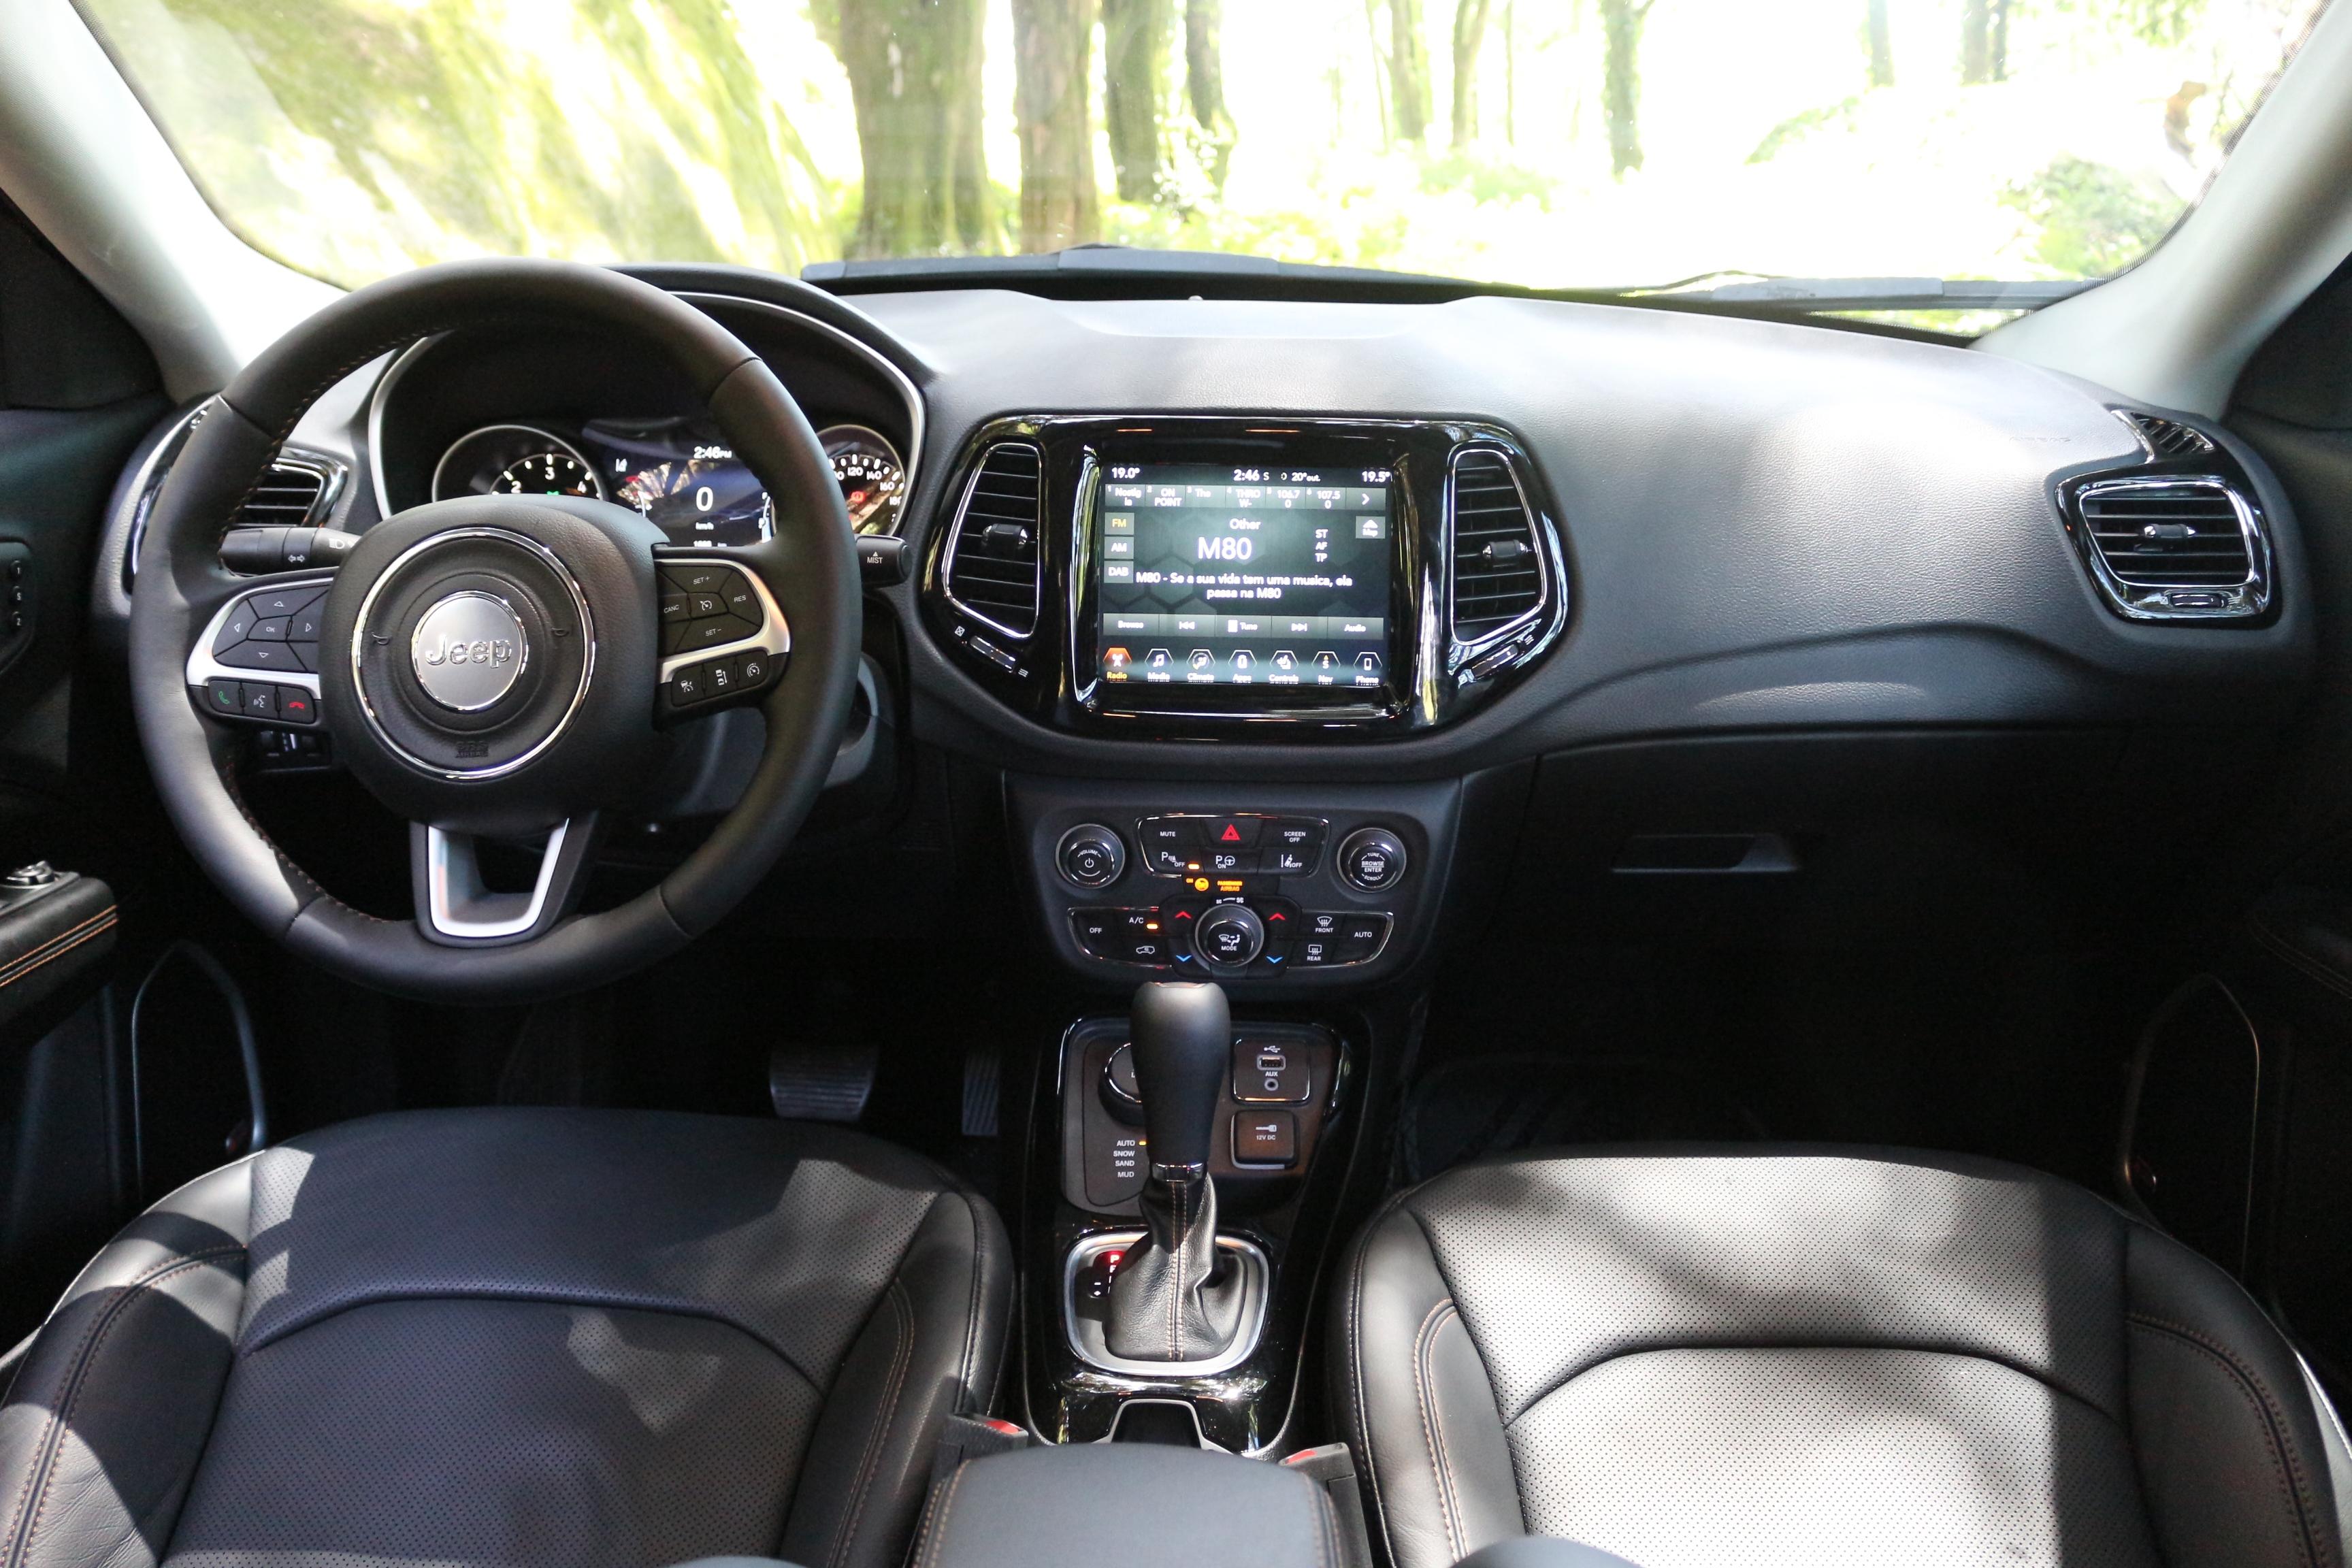 Essai vid o jeep compass 2 2017 d boussol for Interieur jeep compass